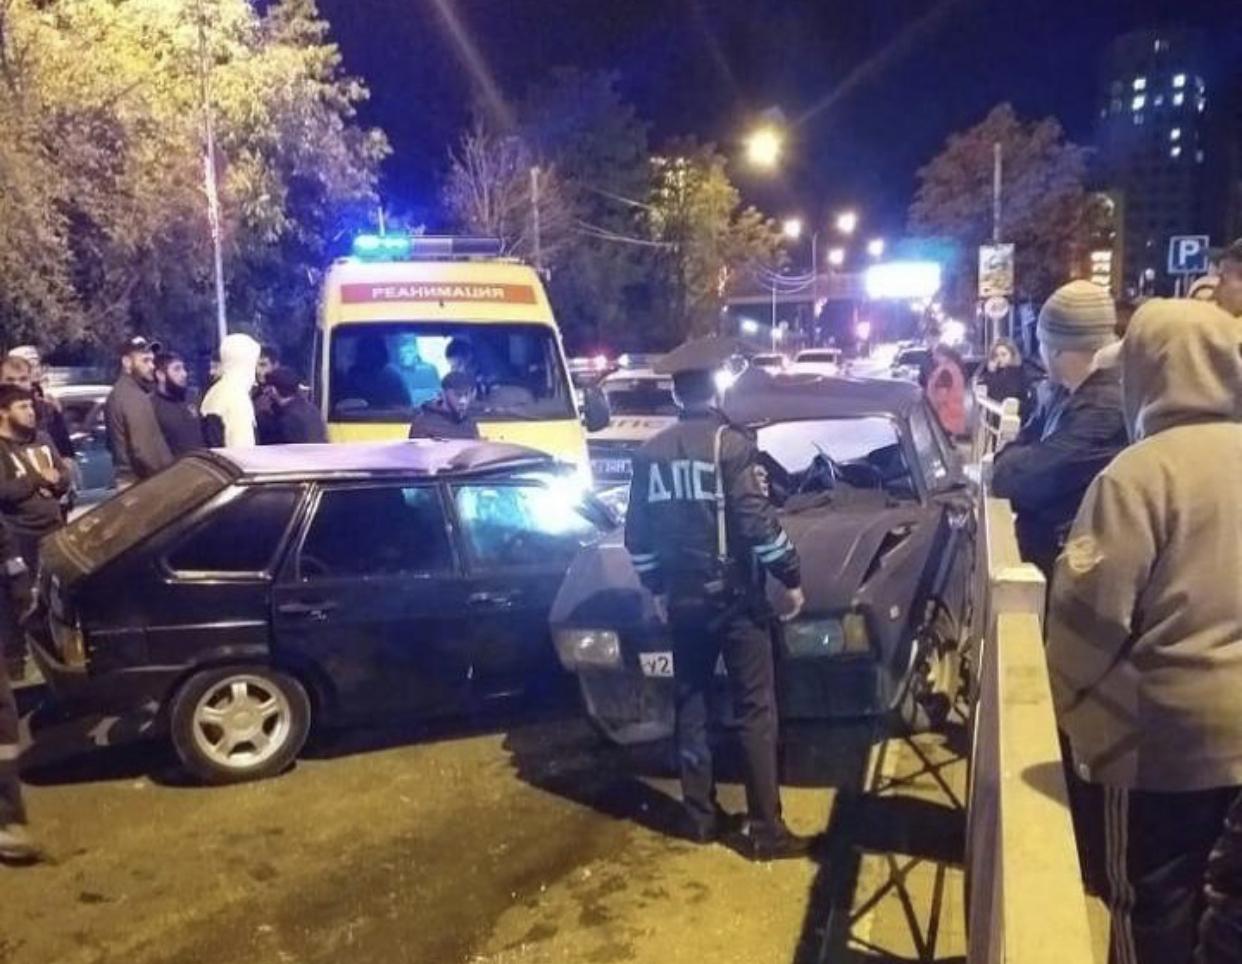 Средства на меры безопасности дорожного движения по проспекту Победы в Кисловодске предусмотрят в городском бюджете